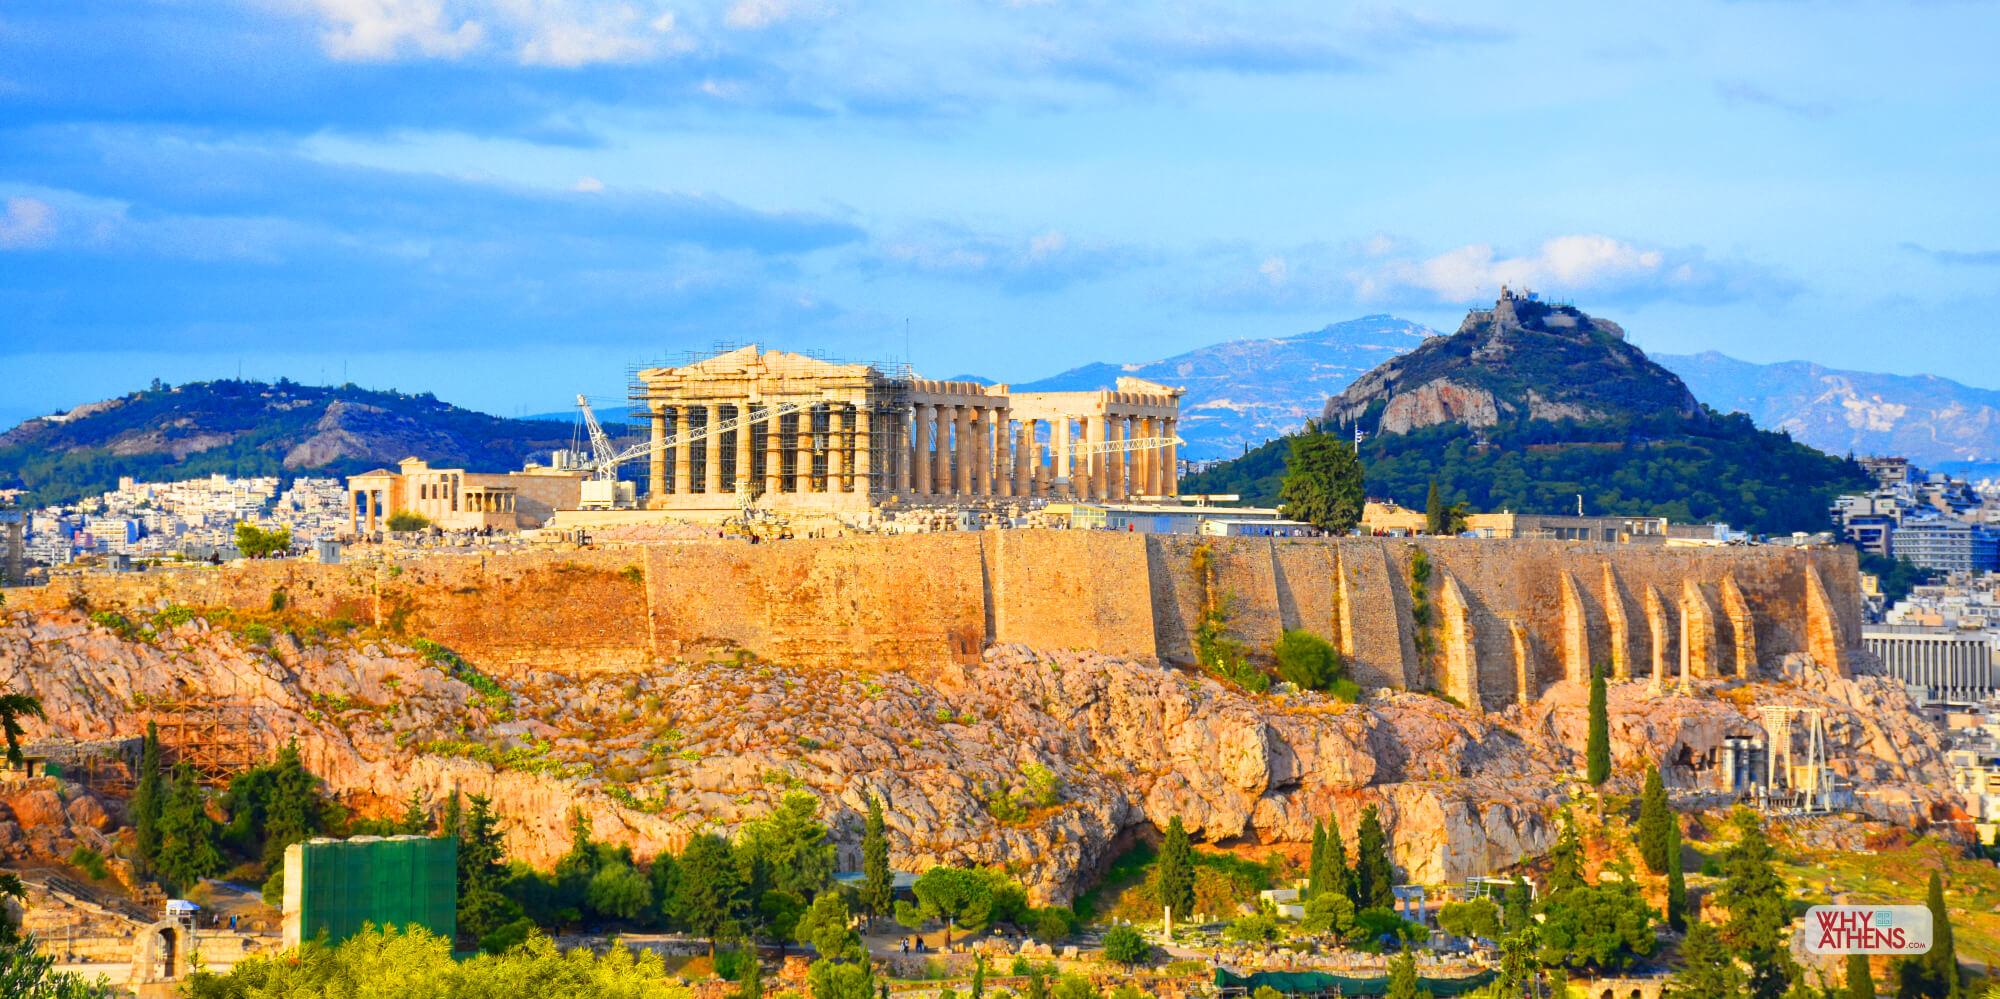 Hy Lạp là một vùng đất khó sống hơn Ai Cập, bởi vì đất đai ở đây không tốt và luôn luôn không đủ nước để trồng cây lương thực. Lịch sử Hy Lạp thường được chia thành thời kỳ Đồ đá, thời kỳ Đồng thau, và thời kỳ đồ sắt. Mỗi thời kỳ có thể chia thành những thời kỳ nhỏ hơn.